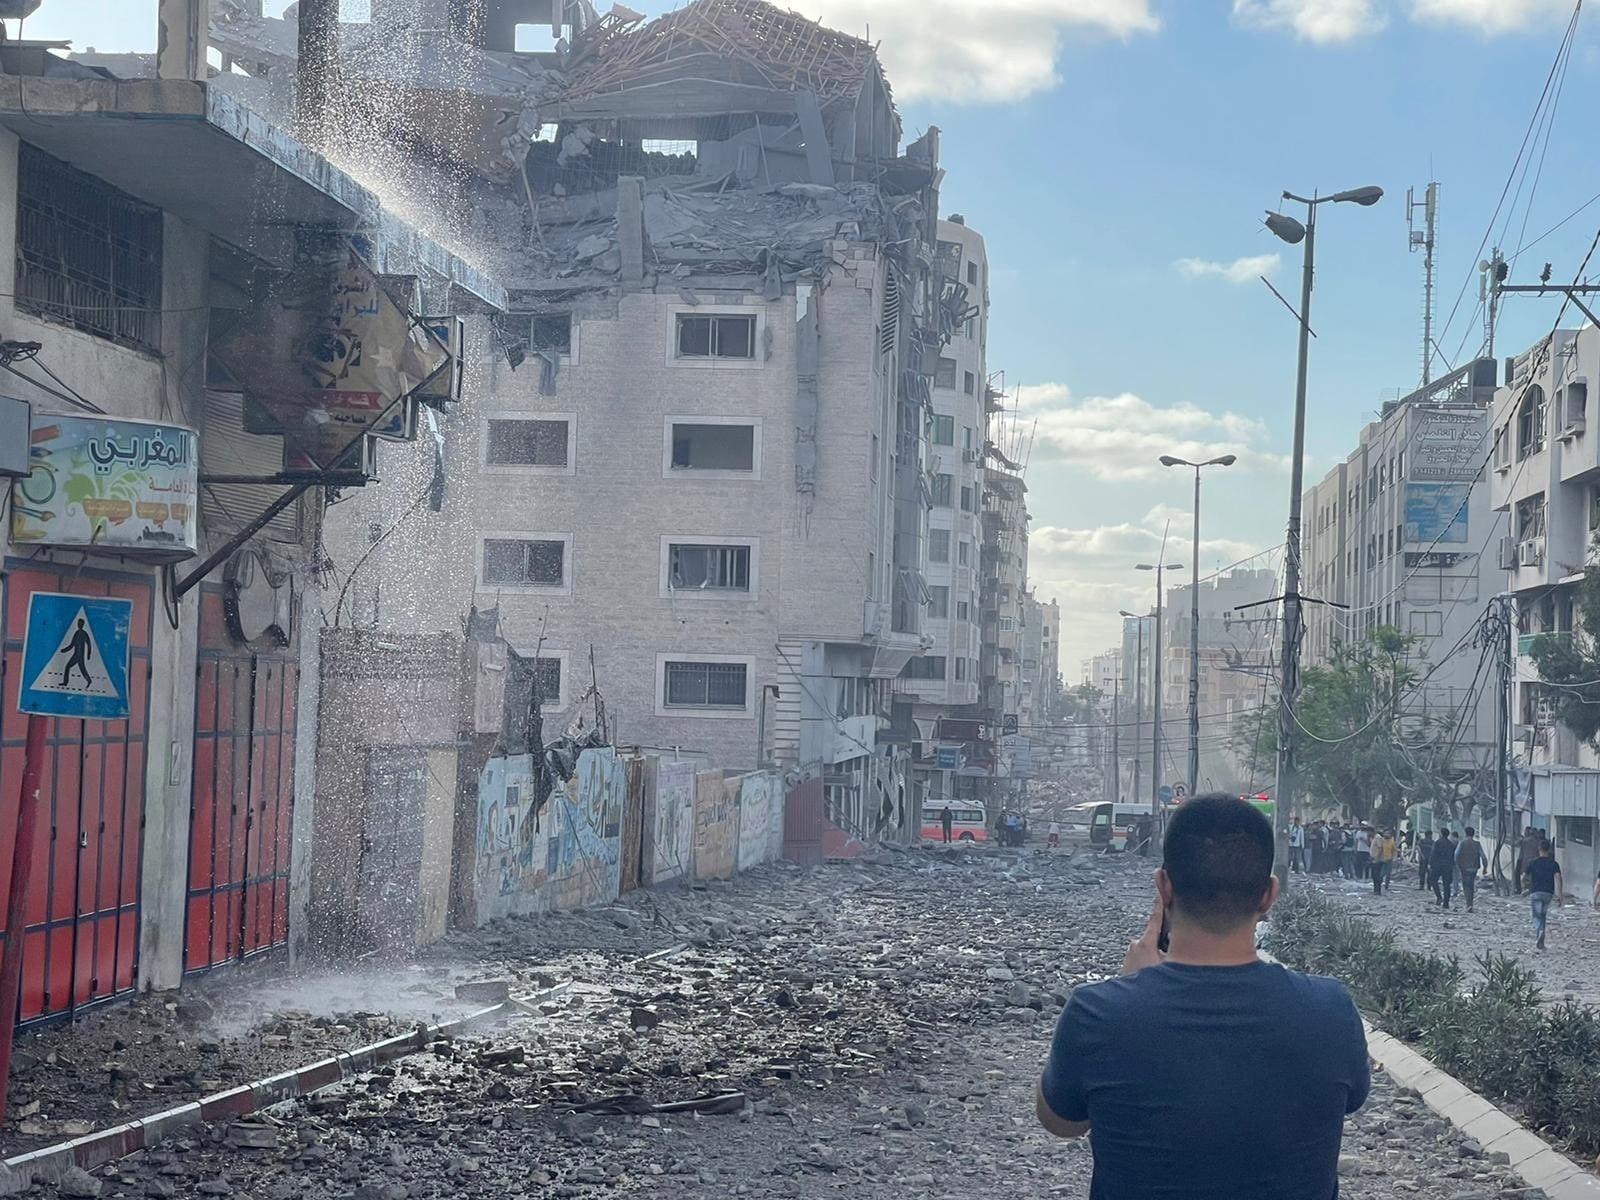 الهلال الأحمر القطري ينشر صورا لمقره المدمر في غزة من قبل الاحتلال العاجز أمام صواريخ المقاومة